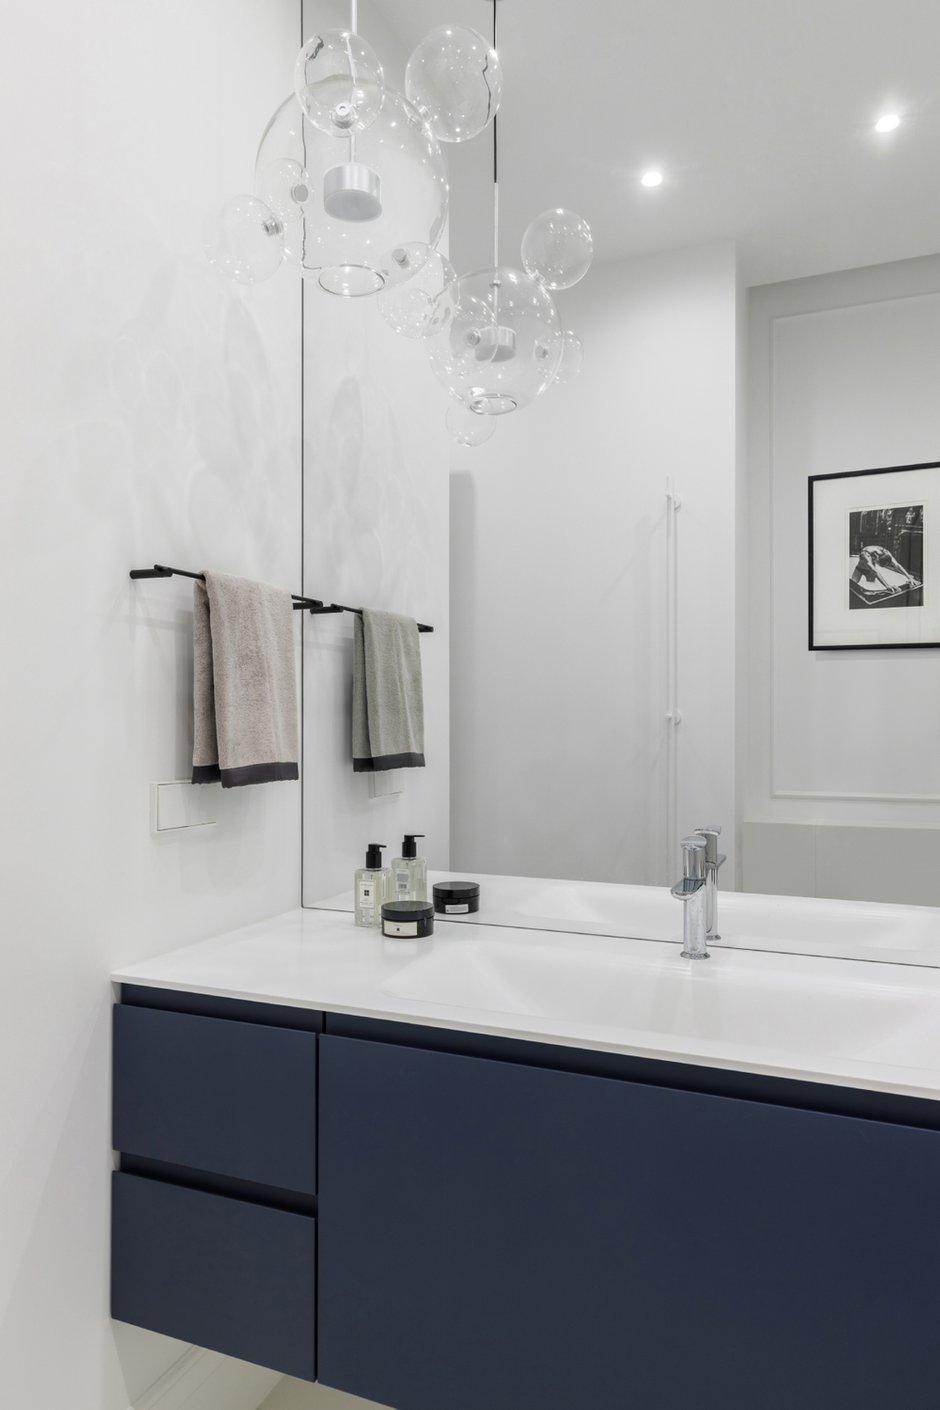 Фотография: Ванная в стиле Современный, Квартира, Проект недели, Москва, 2 комнаты, 40-60 метров, Icon Interiors, Инга Моисеева – фото на INMYROOM